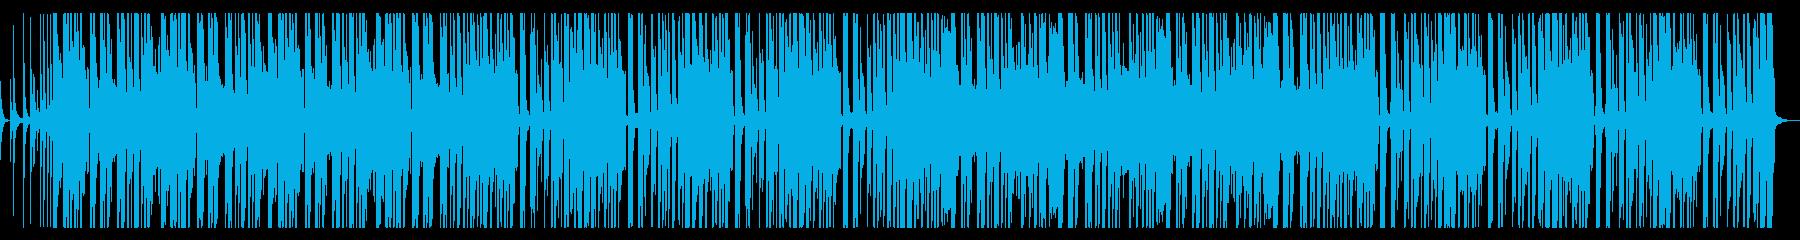 カホンを使ったロックなBGMです。の再生済みの波形